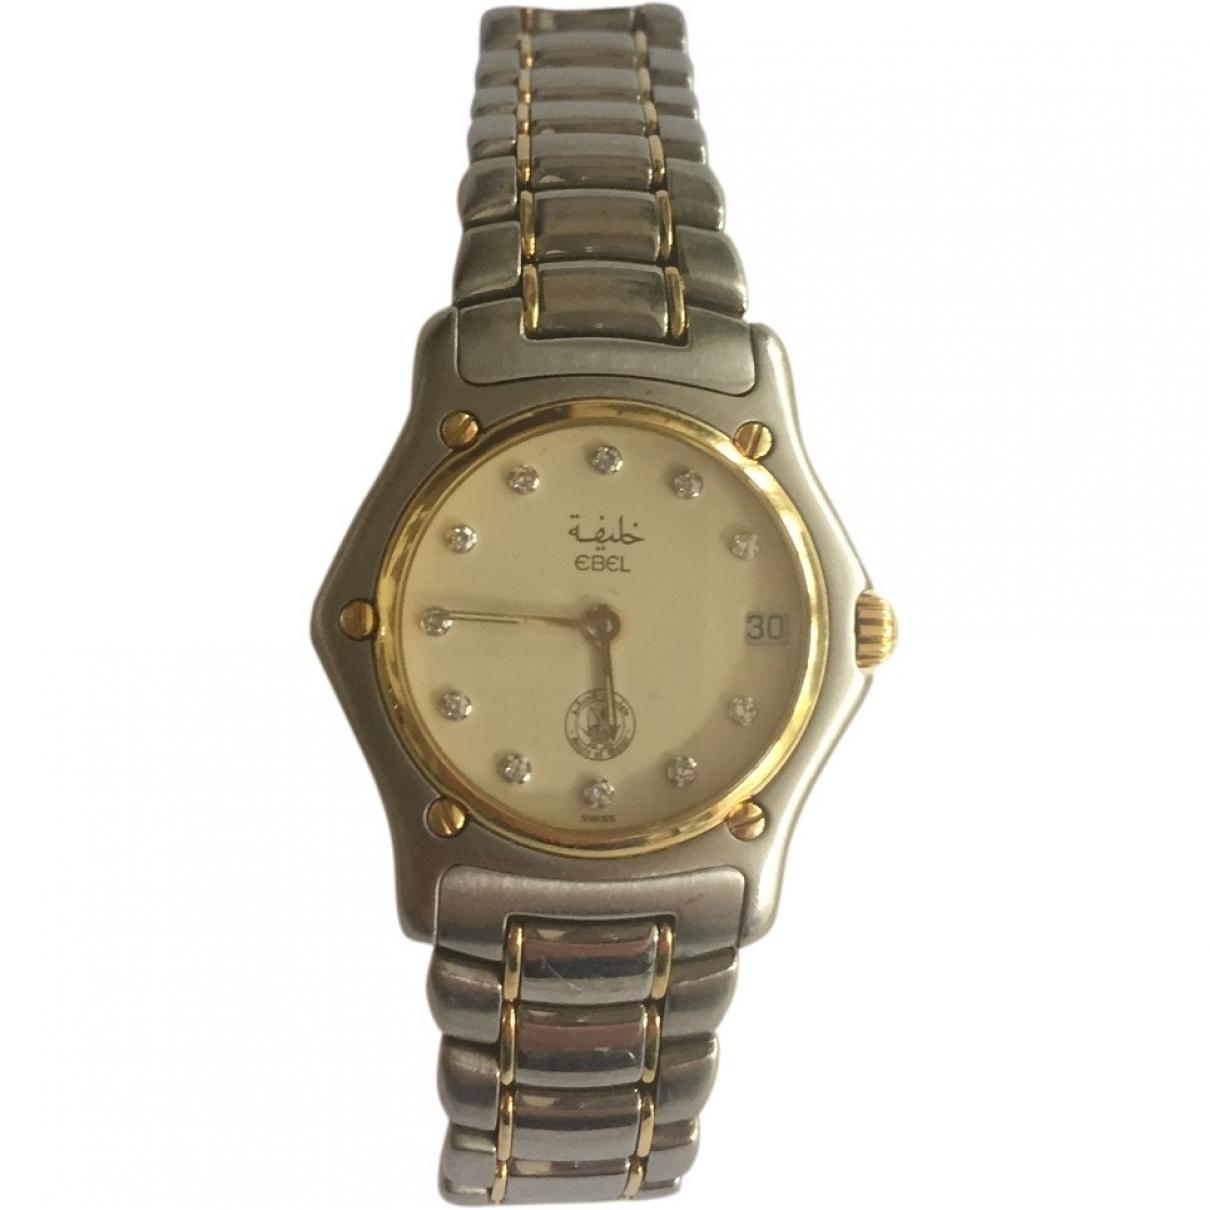 Ebel Wave Uhr in  Silber Gold und Stahl